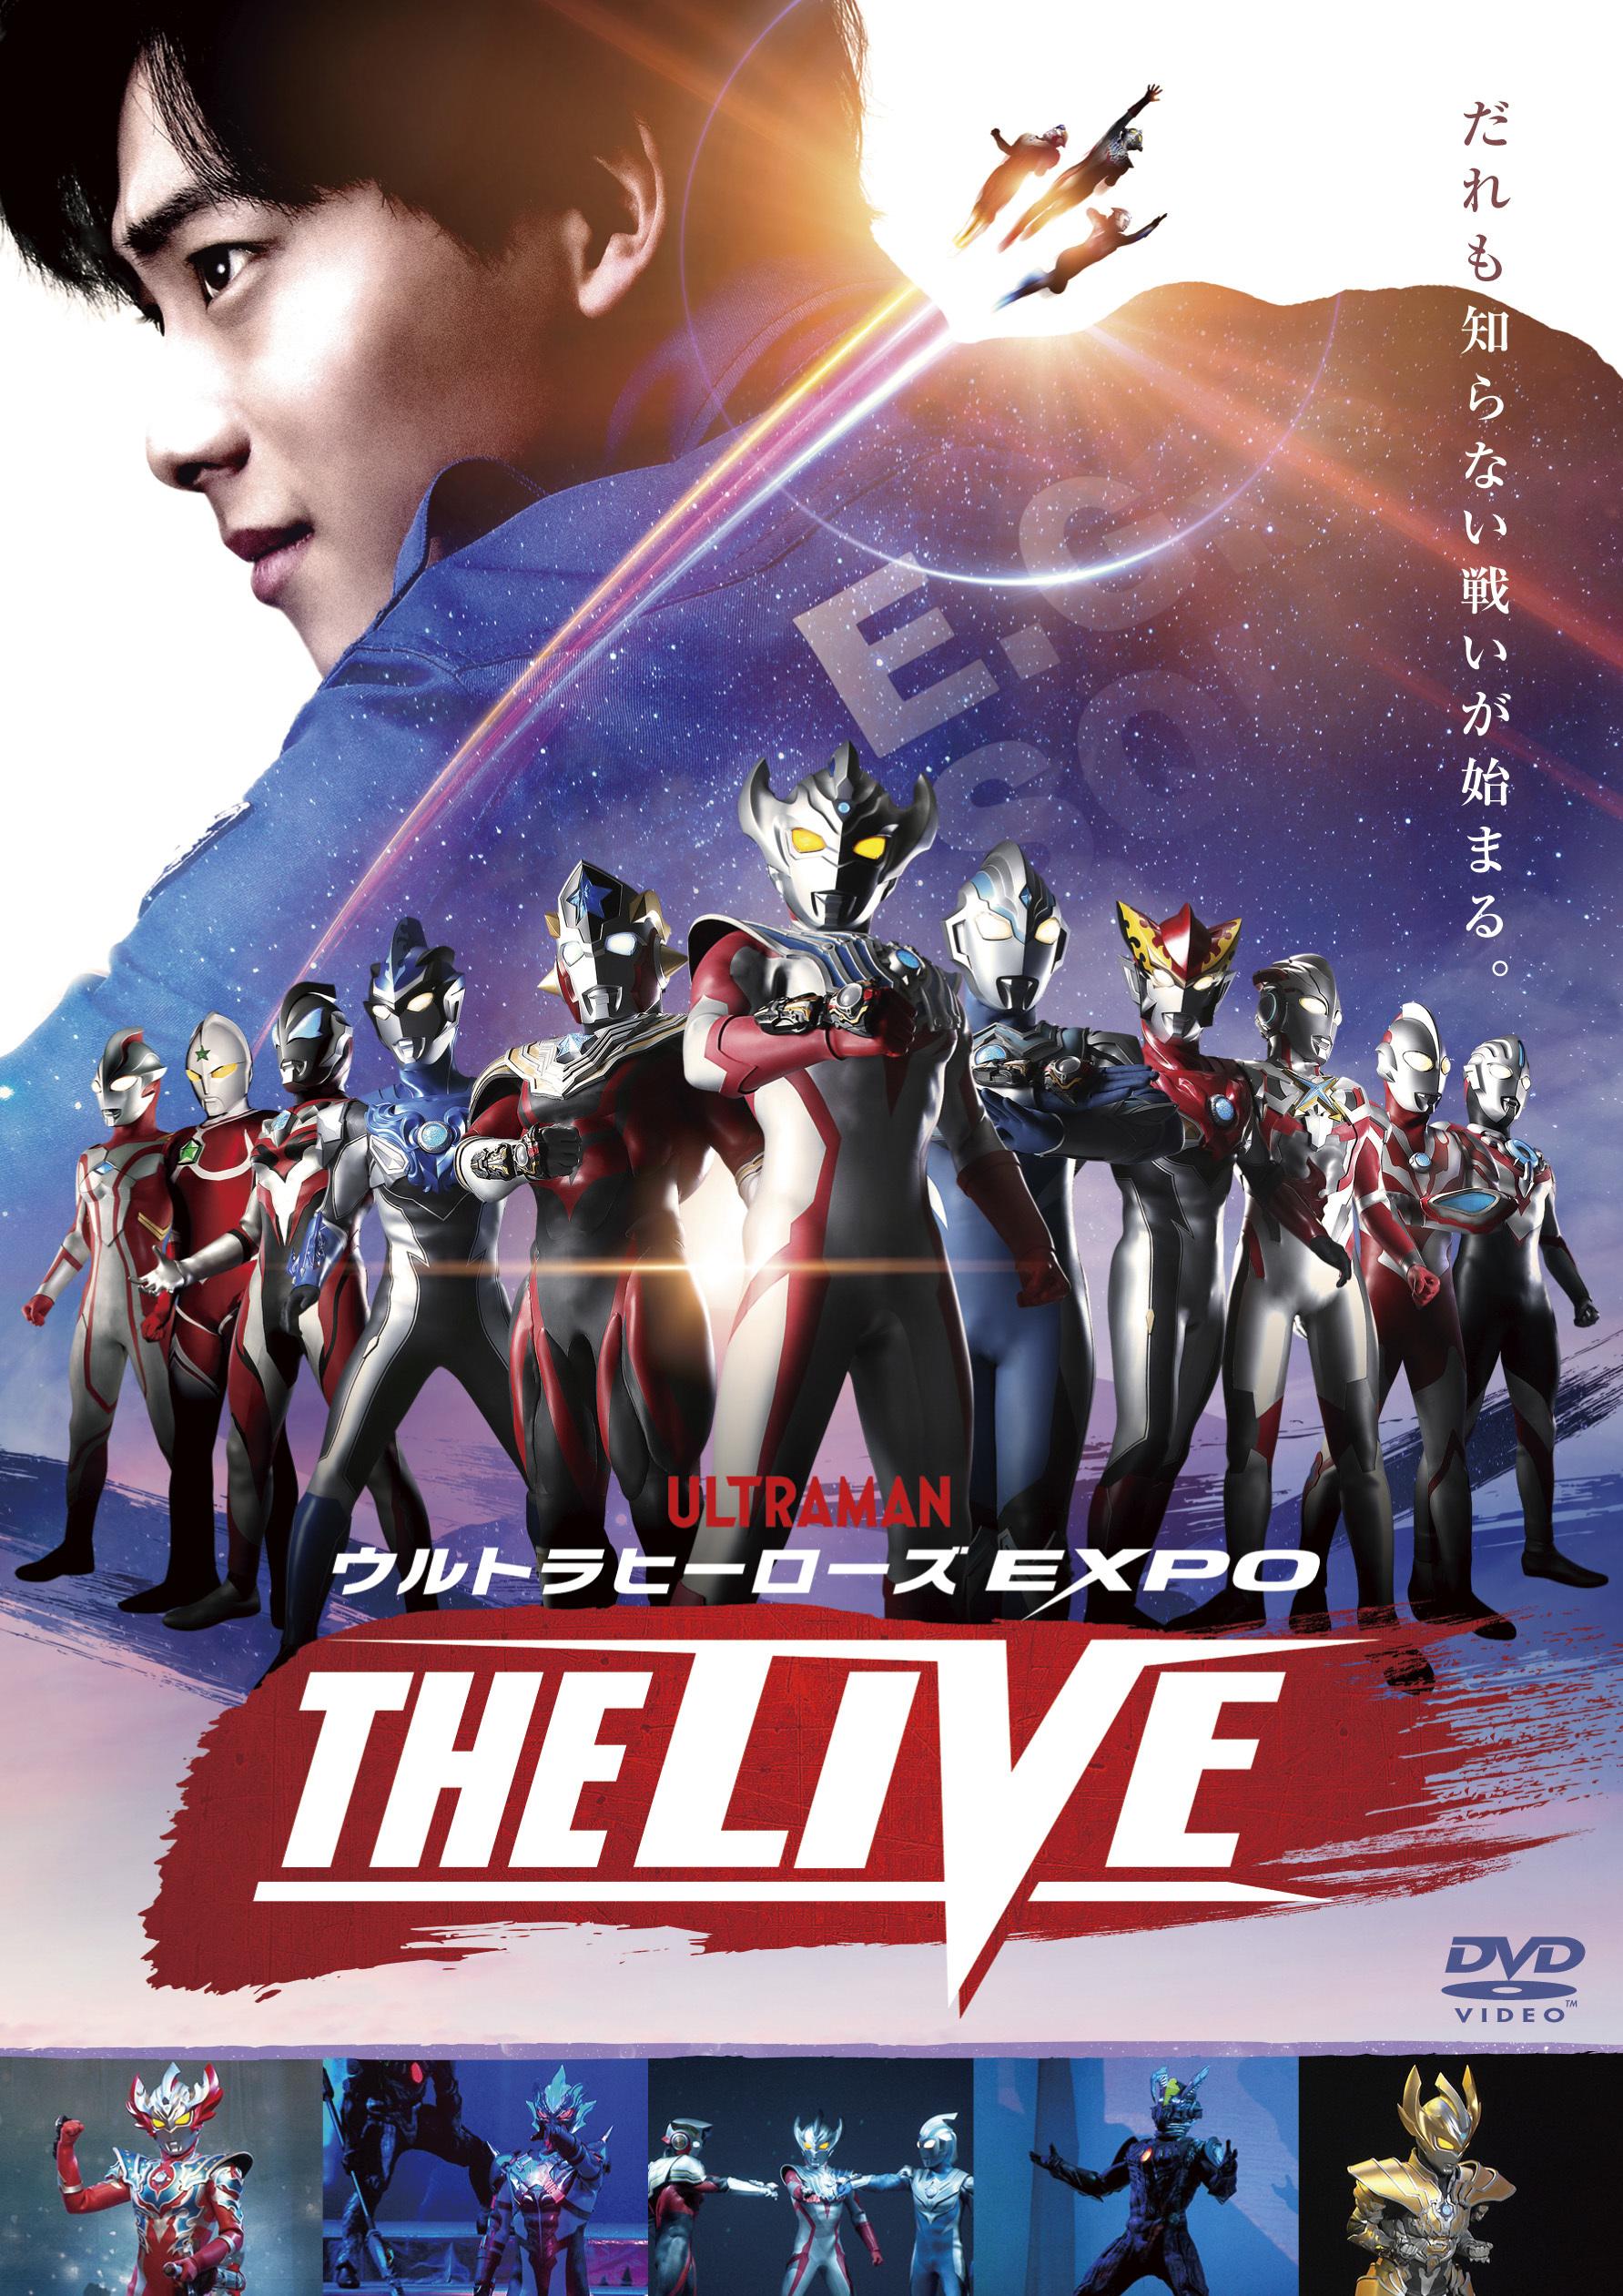 『ウルトラヒーローズEXPO THE LIVE ウルトラマンタイガ』 (C)TSUBURAYA PRODUCTIONS CO., LTD.